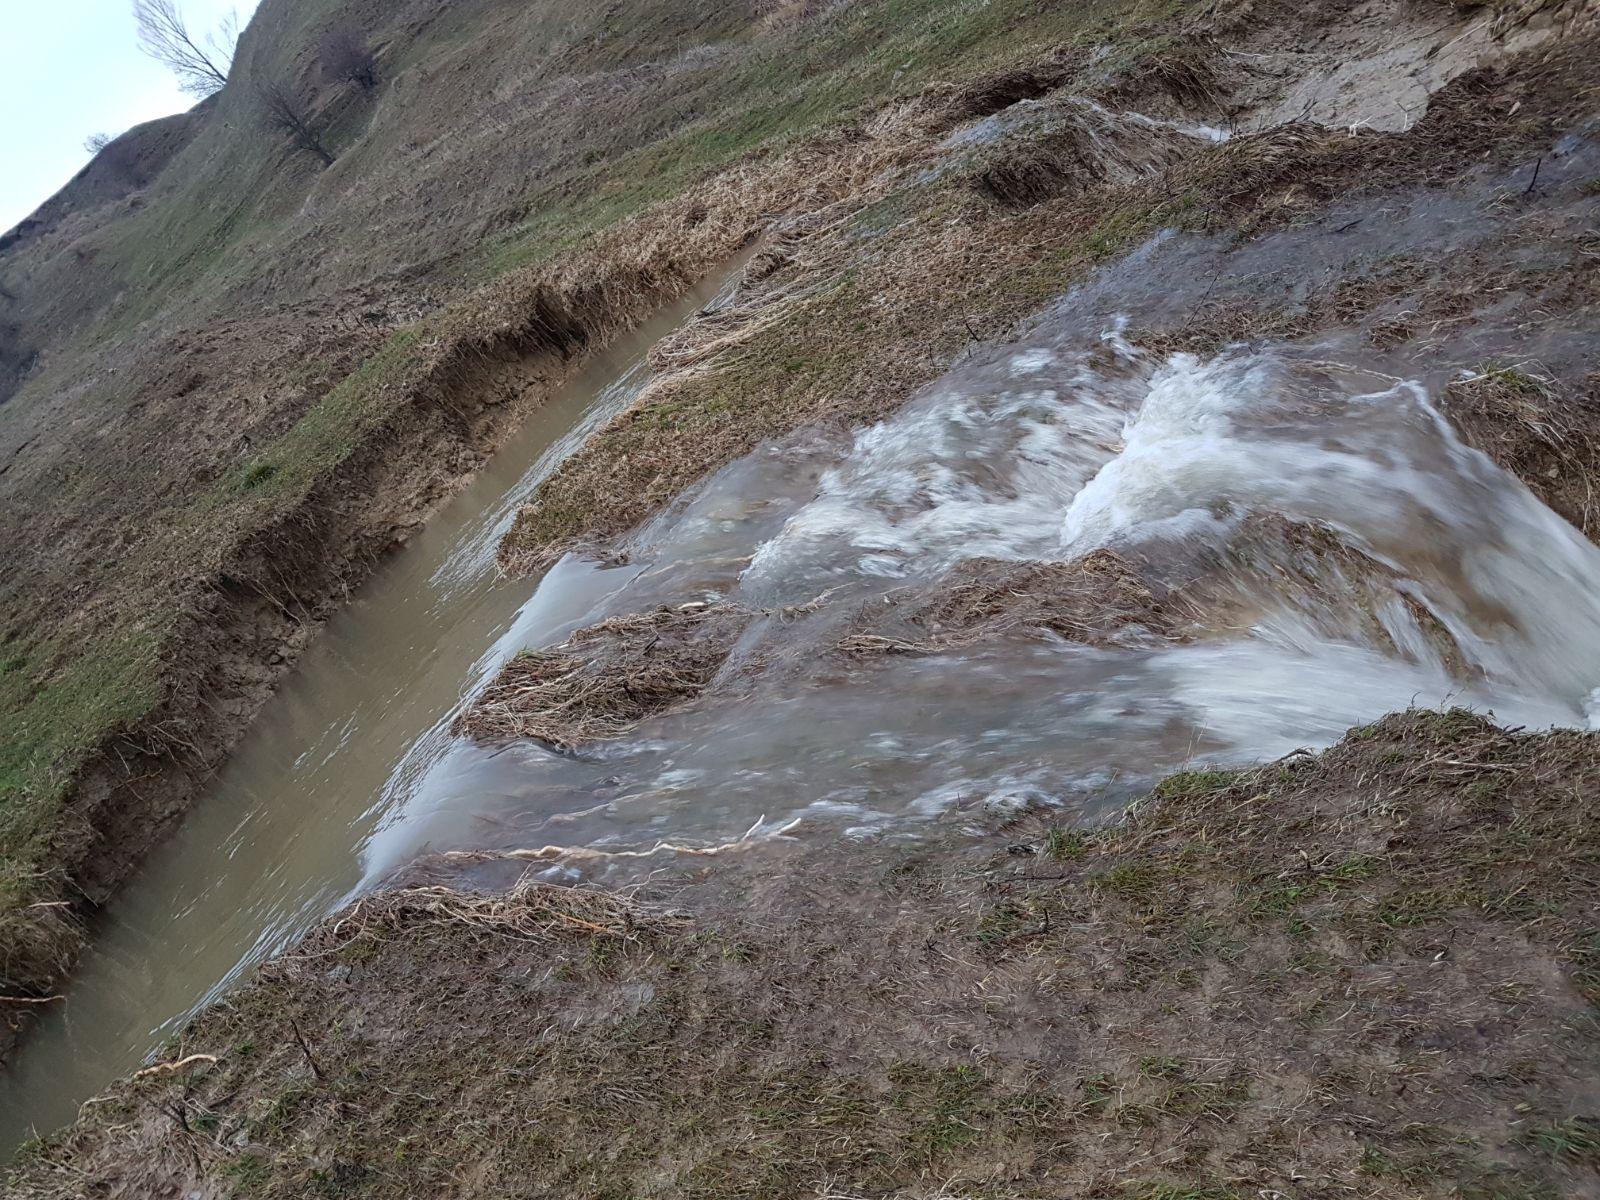 ACTUALIZARE. Avarie ce va afecta rețeaua de apă din zona Onești – Tg. Ocna, consumatorii sunt rugați să facă stocuri de apă